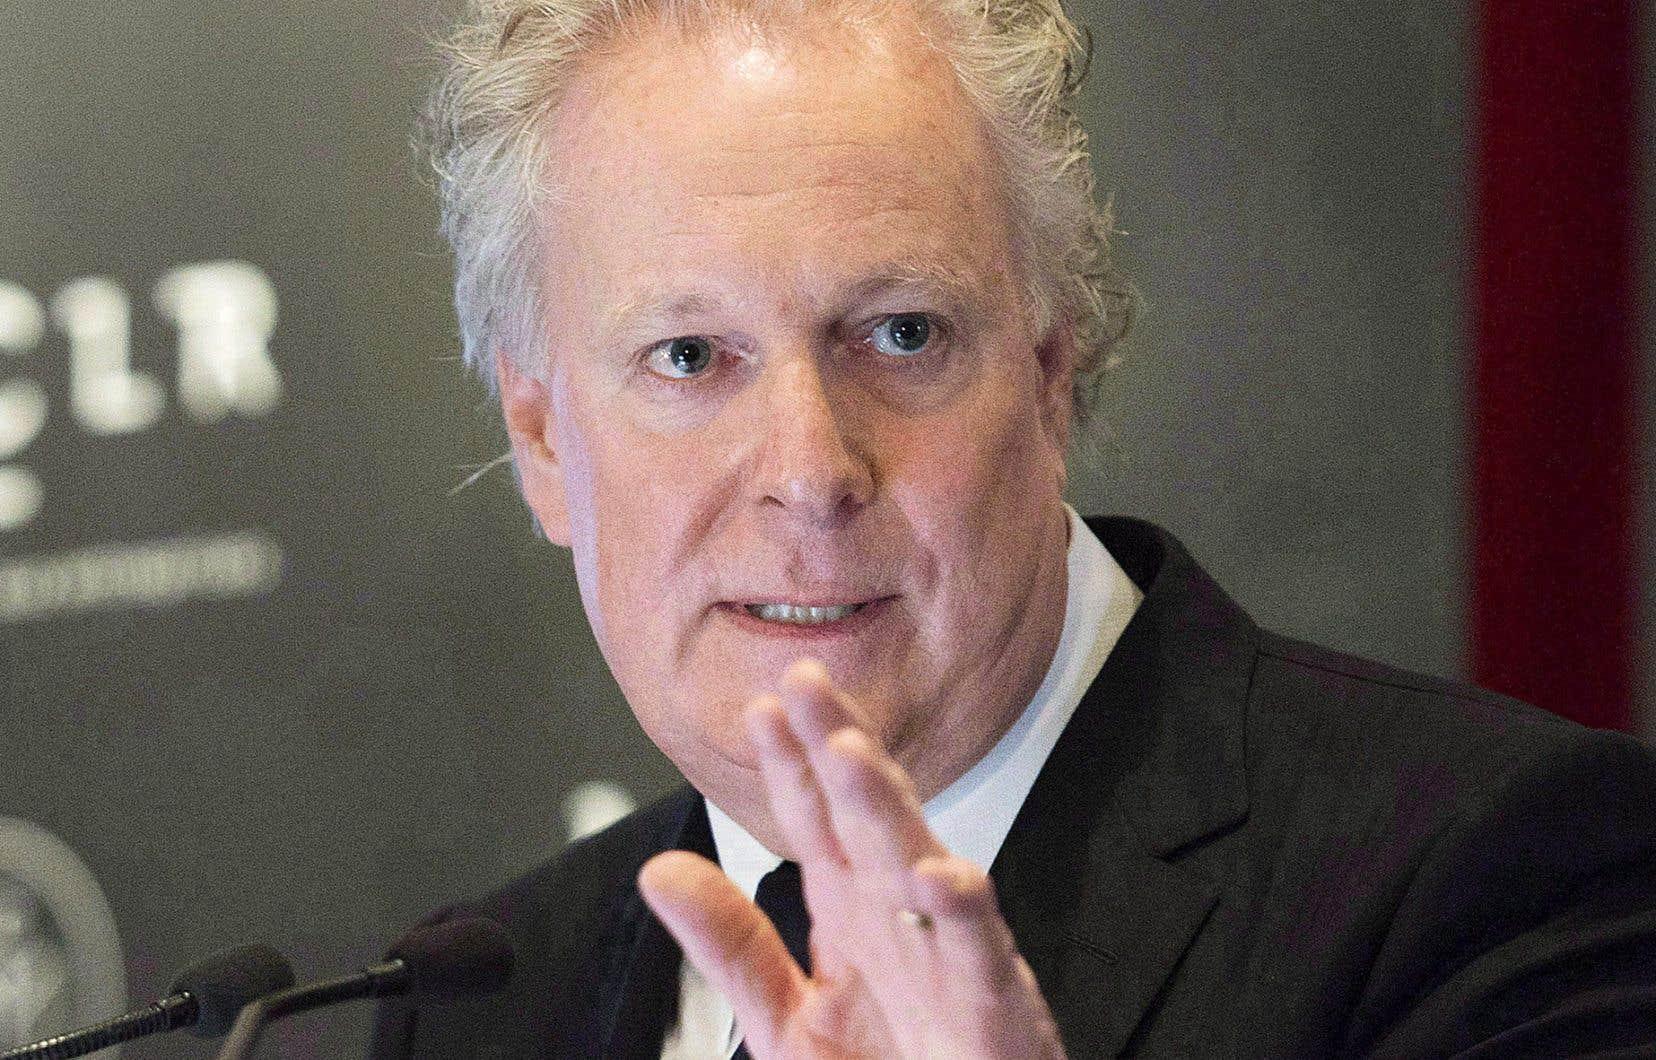 L'ex-premier ministre du Québec, Jean Charest